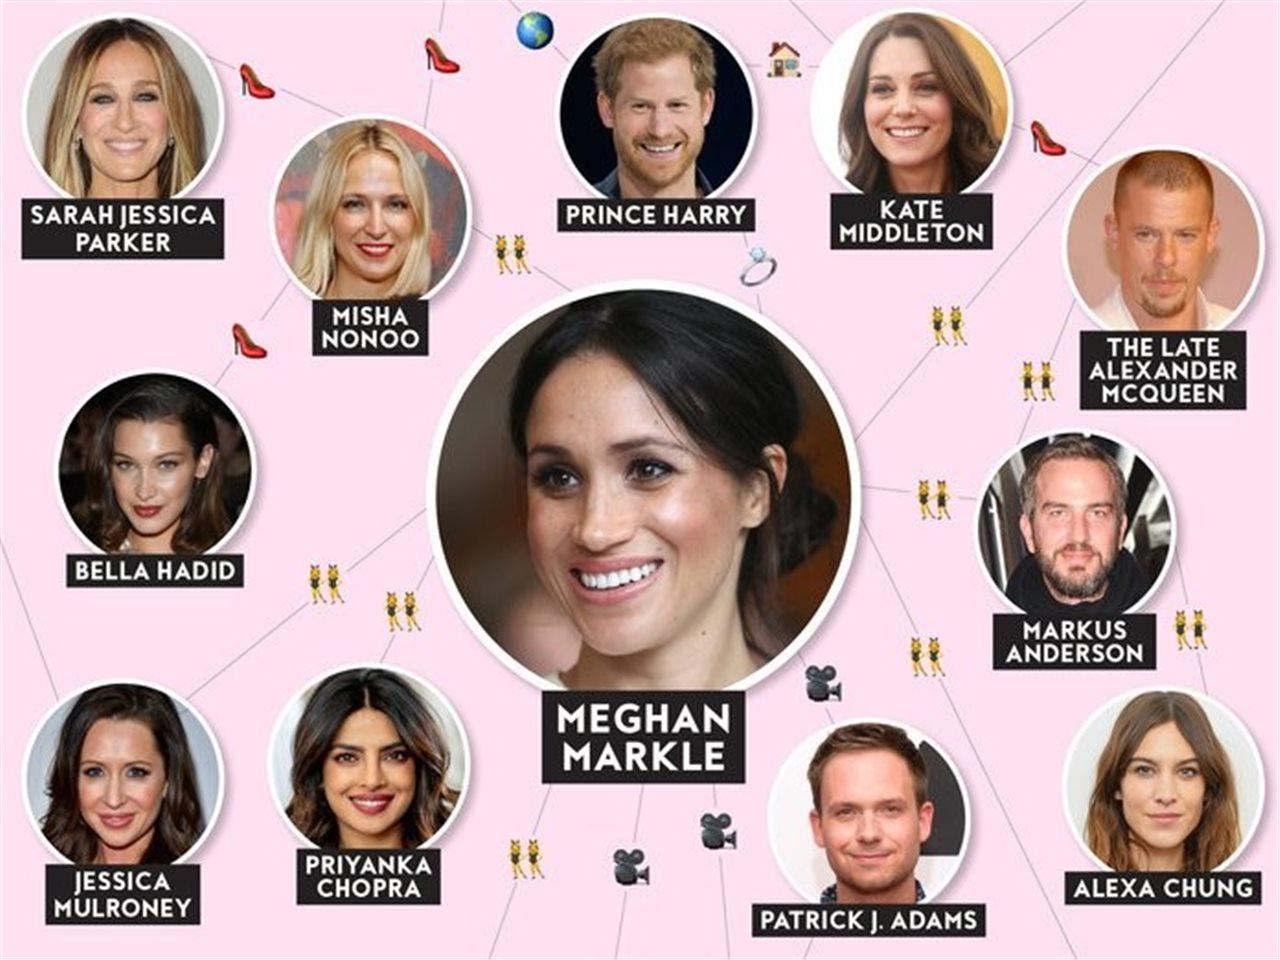 Las conexiones de amistad que tiene Meghan Markle con Hollywood ...